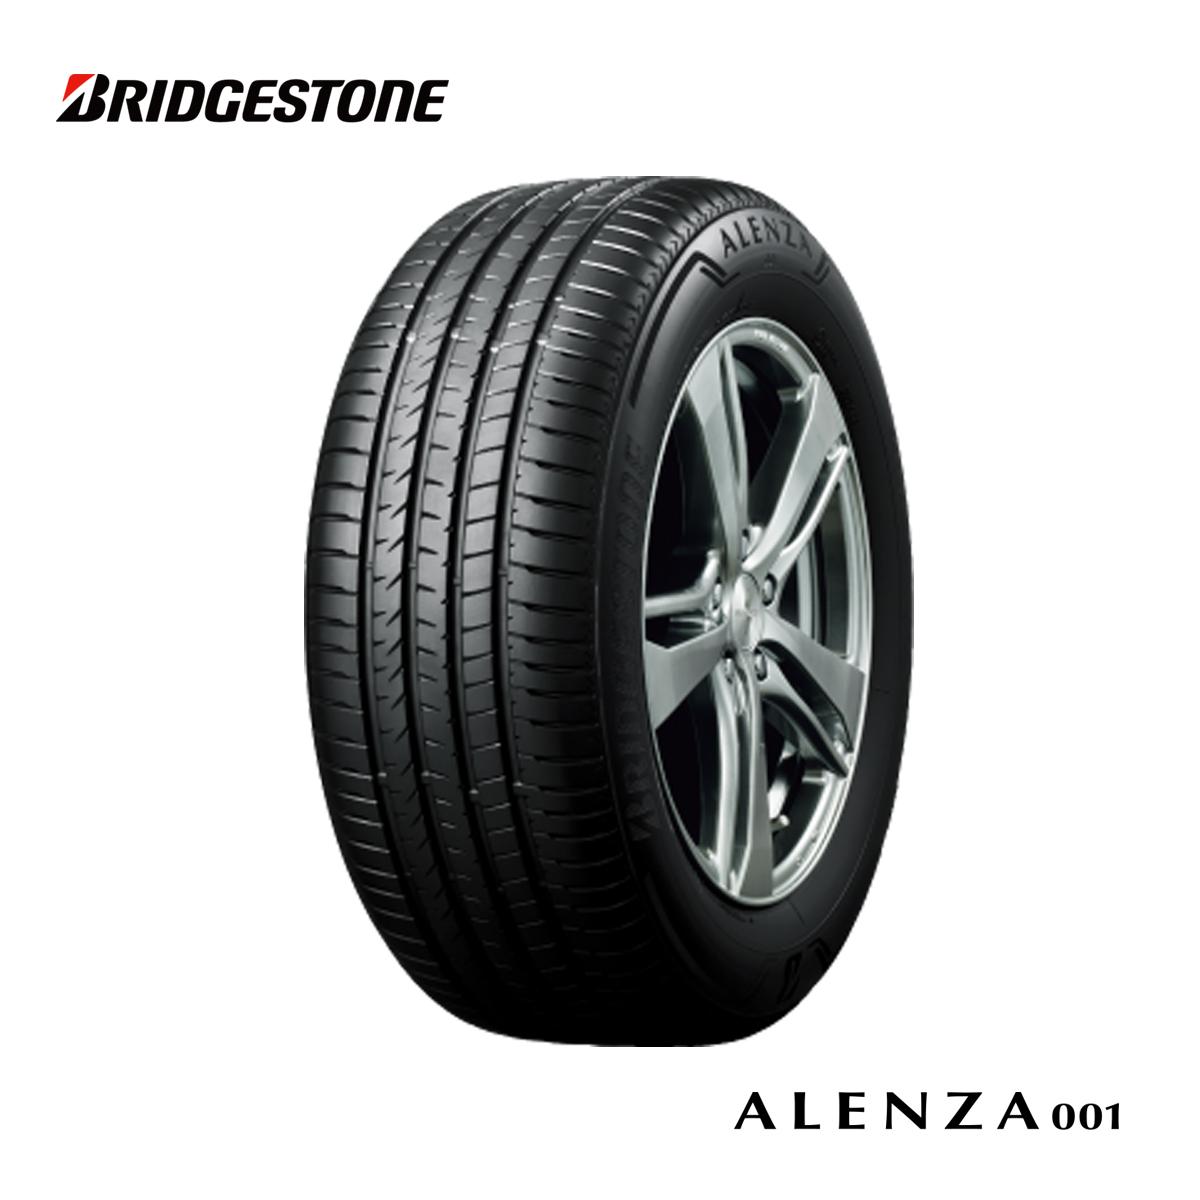 ブリヂストン BS 19インチ タイヤ 235/55R19 235 55 19 アレンザ サマー タイヤ 4本 SUV 夏 サマー タイヤ BRIDGESTONE ALENZA 001